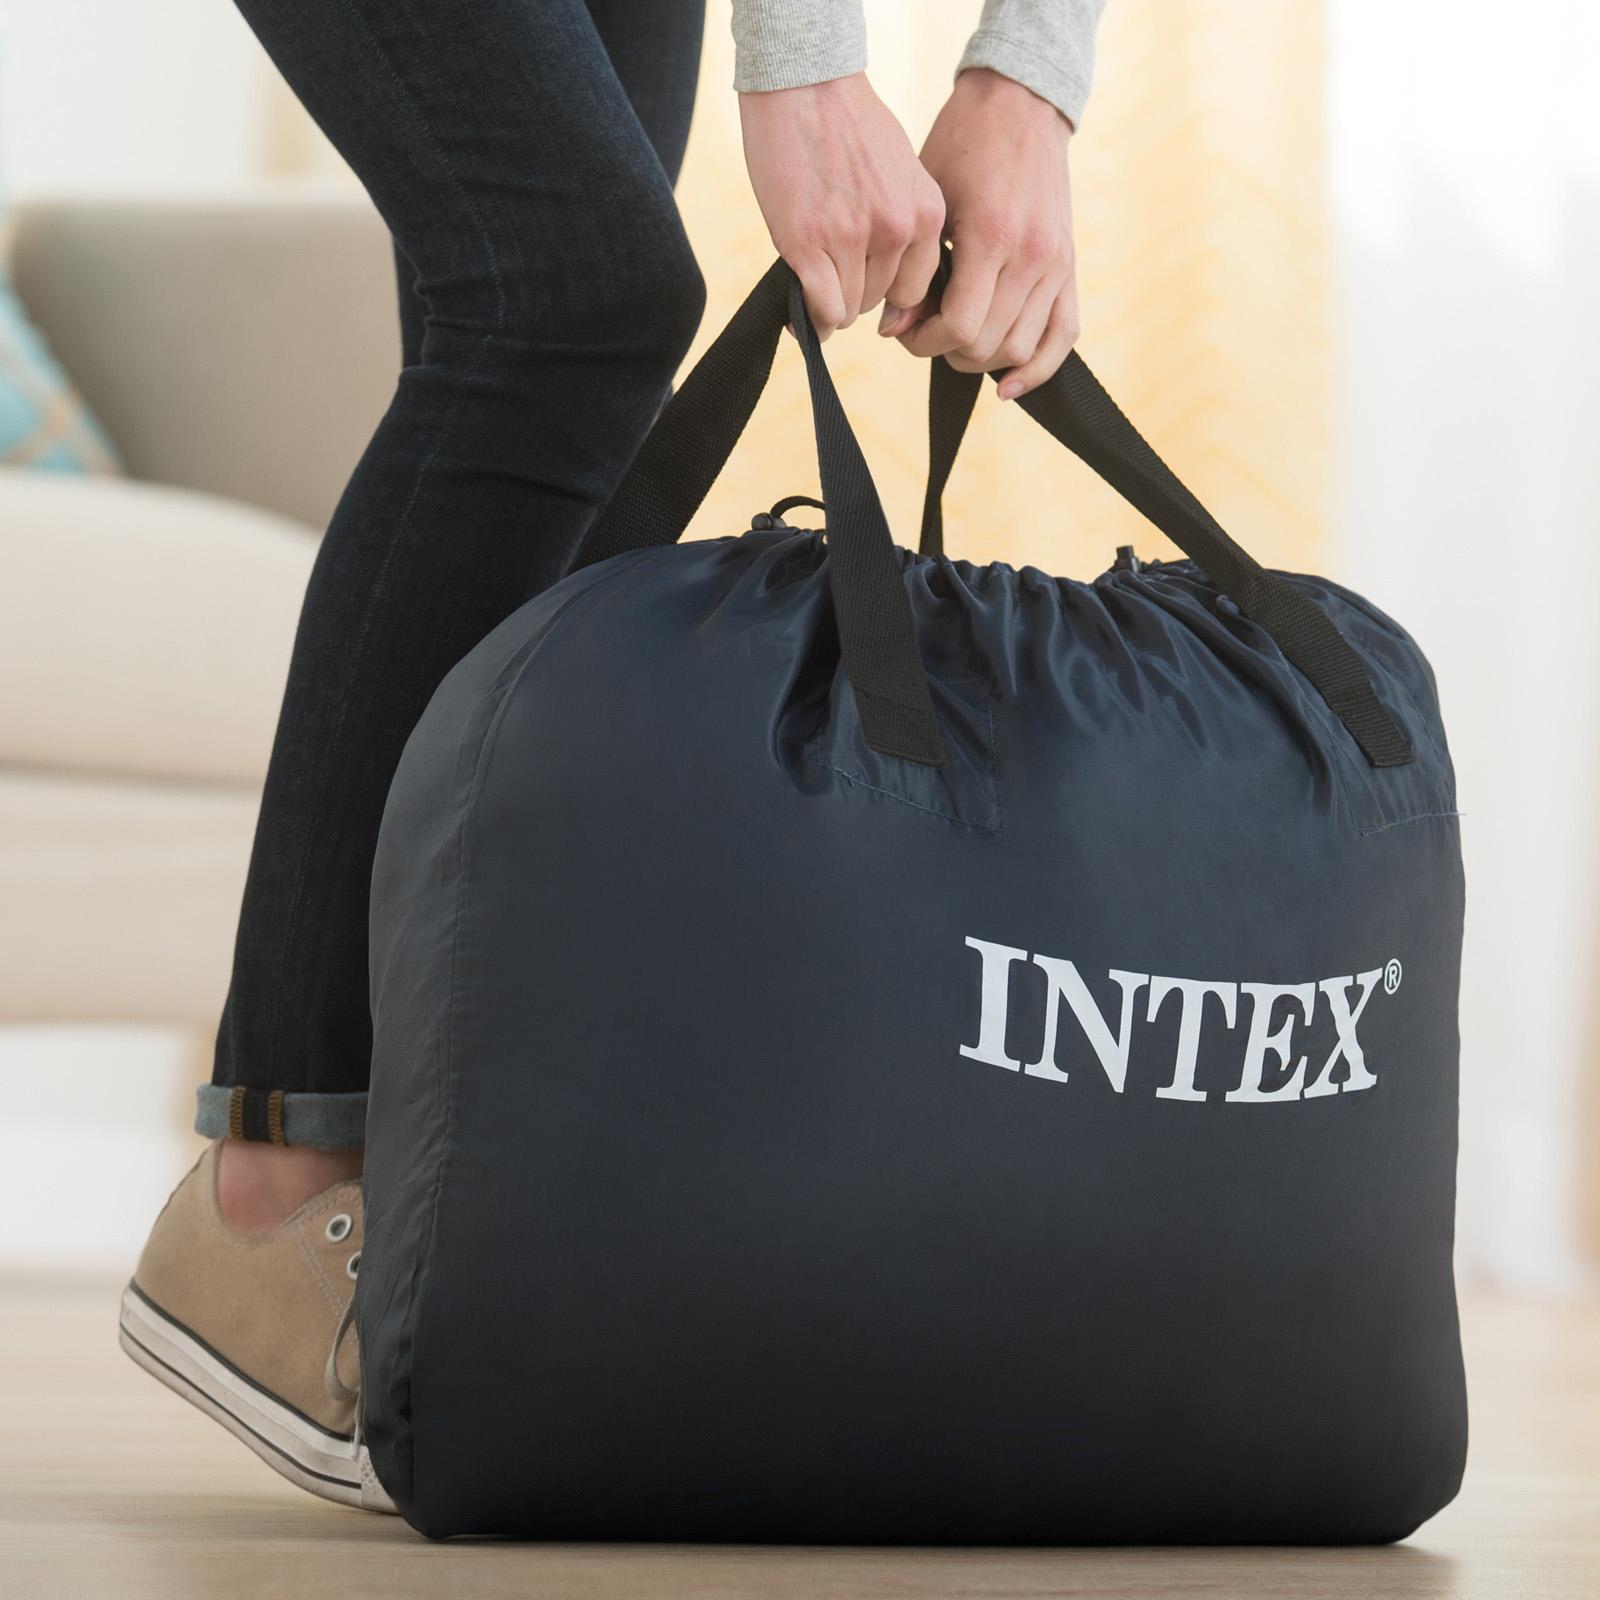 Intex Luftbett 191x99x46 cm mit integrierter Luftpumpe Gästebett